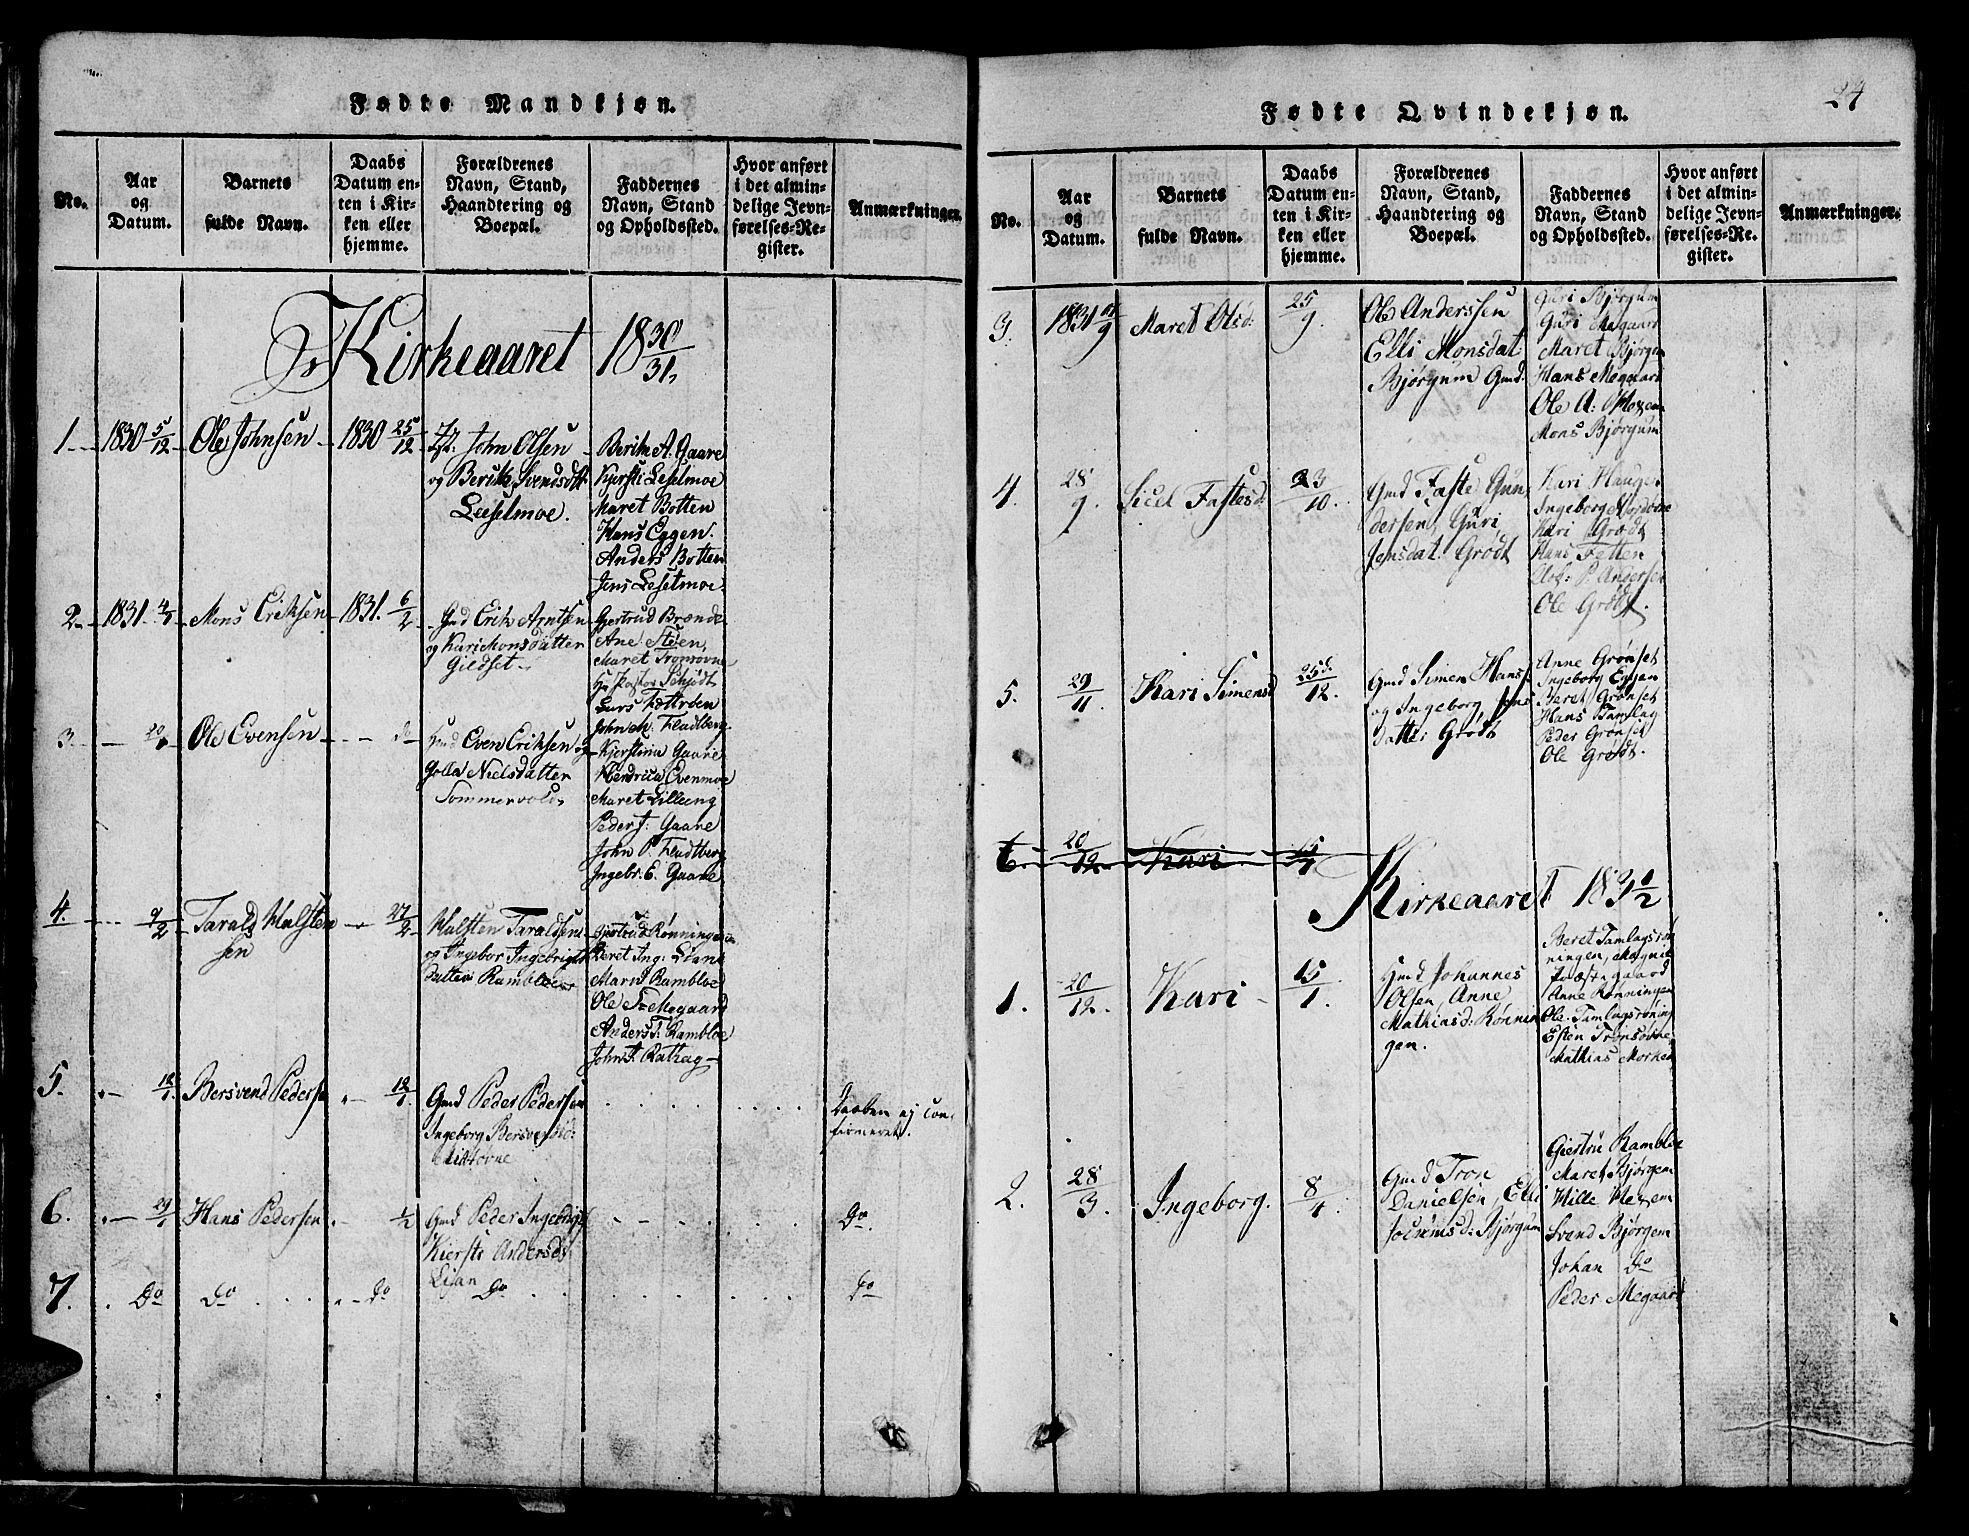 SAT, Ministerialprotokoller, klokkerbøker og fødselsregistre - Sør-Trøndelag, 685/L0976: Klokkerbok nr. 685C01, 1817-1878, s. 24